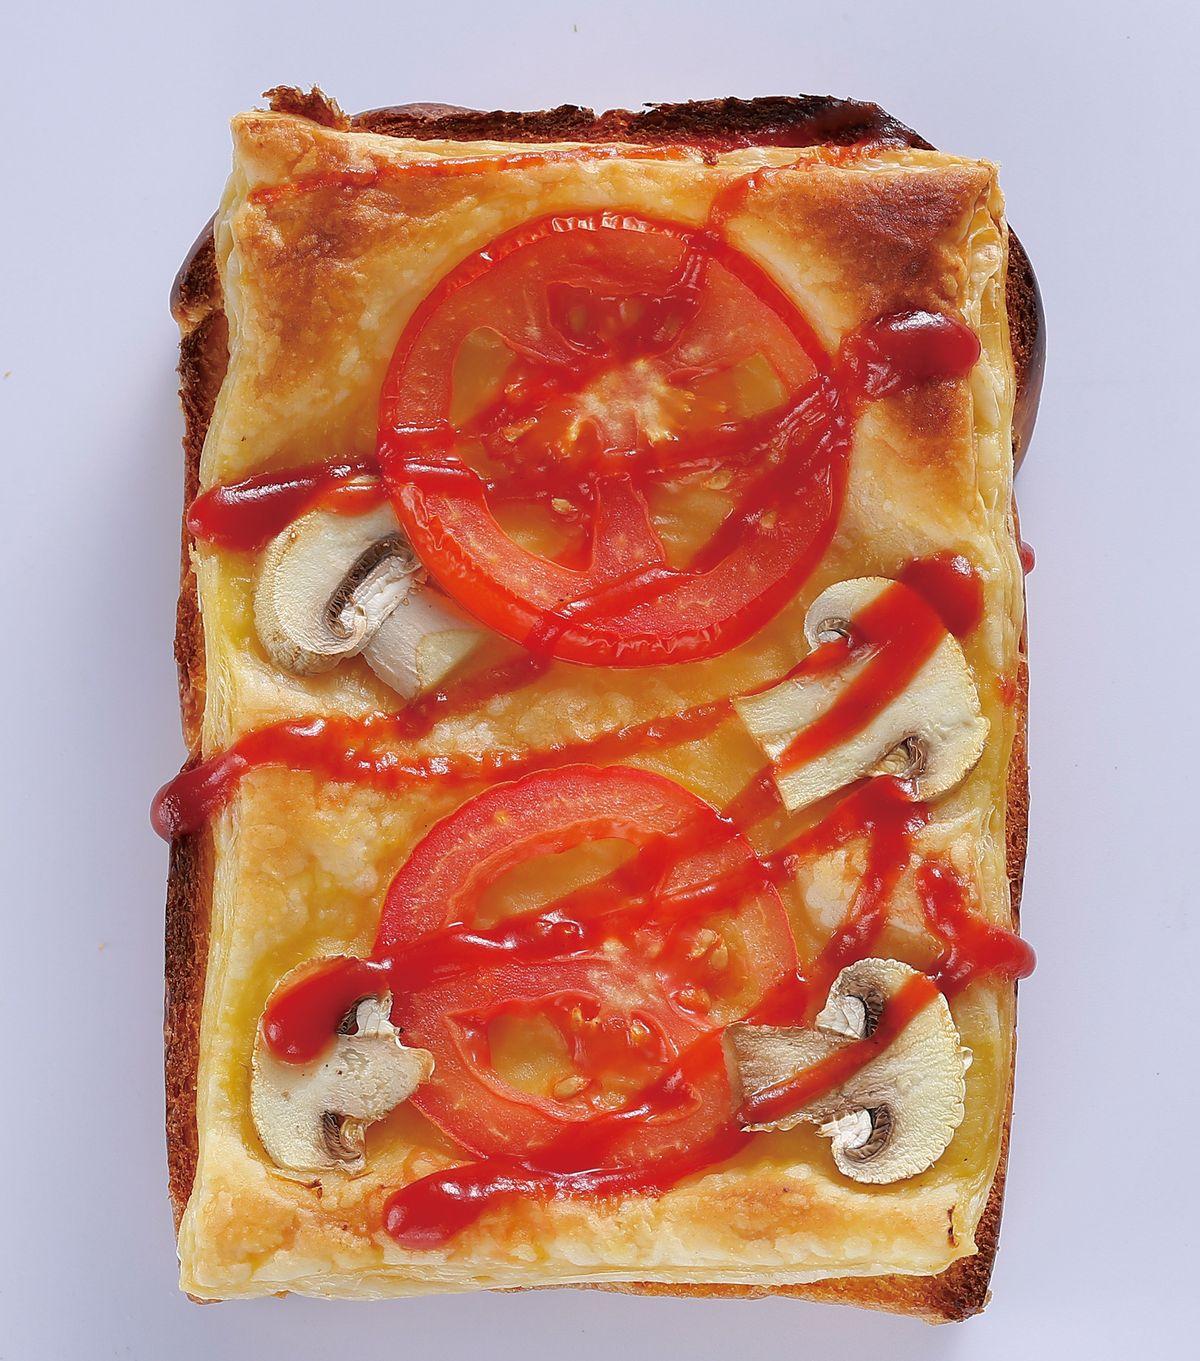 食譜:番茄酥皮土司